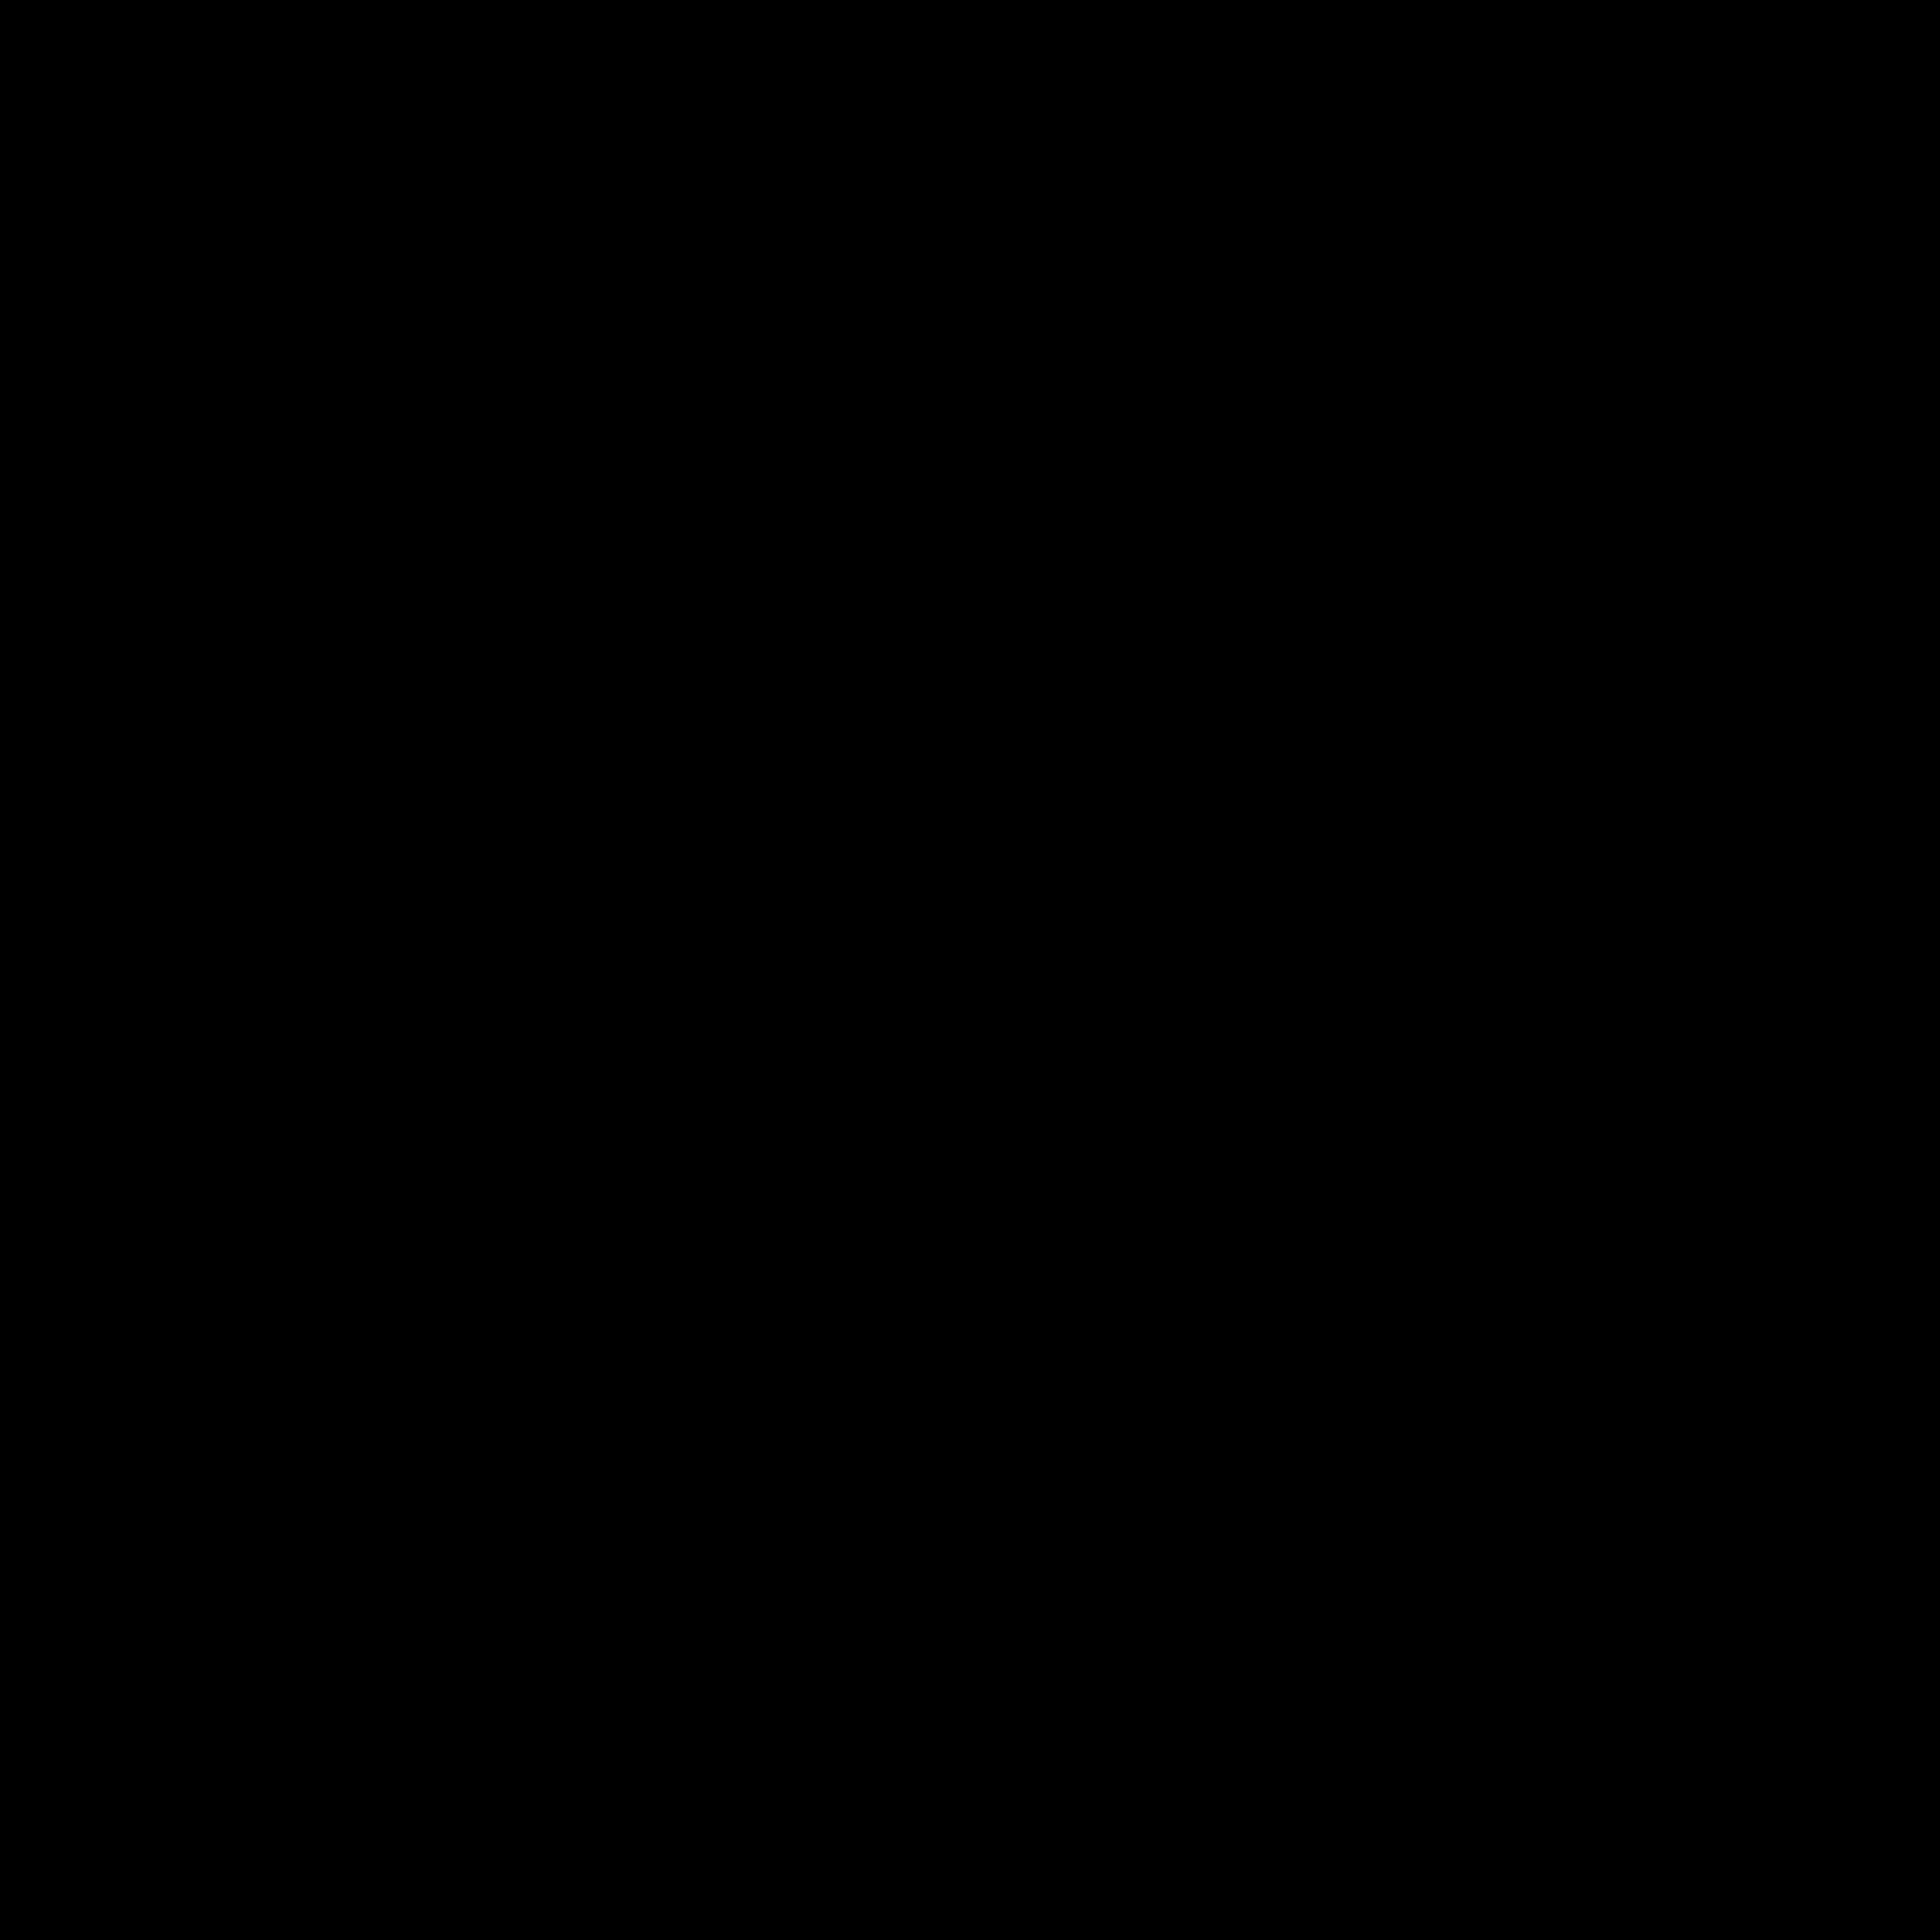 pfizer-png-transparent-logo.png